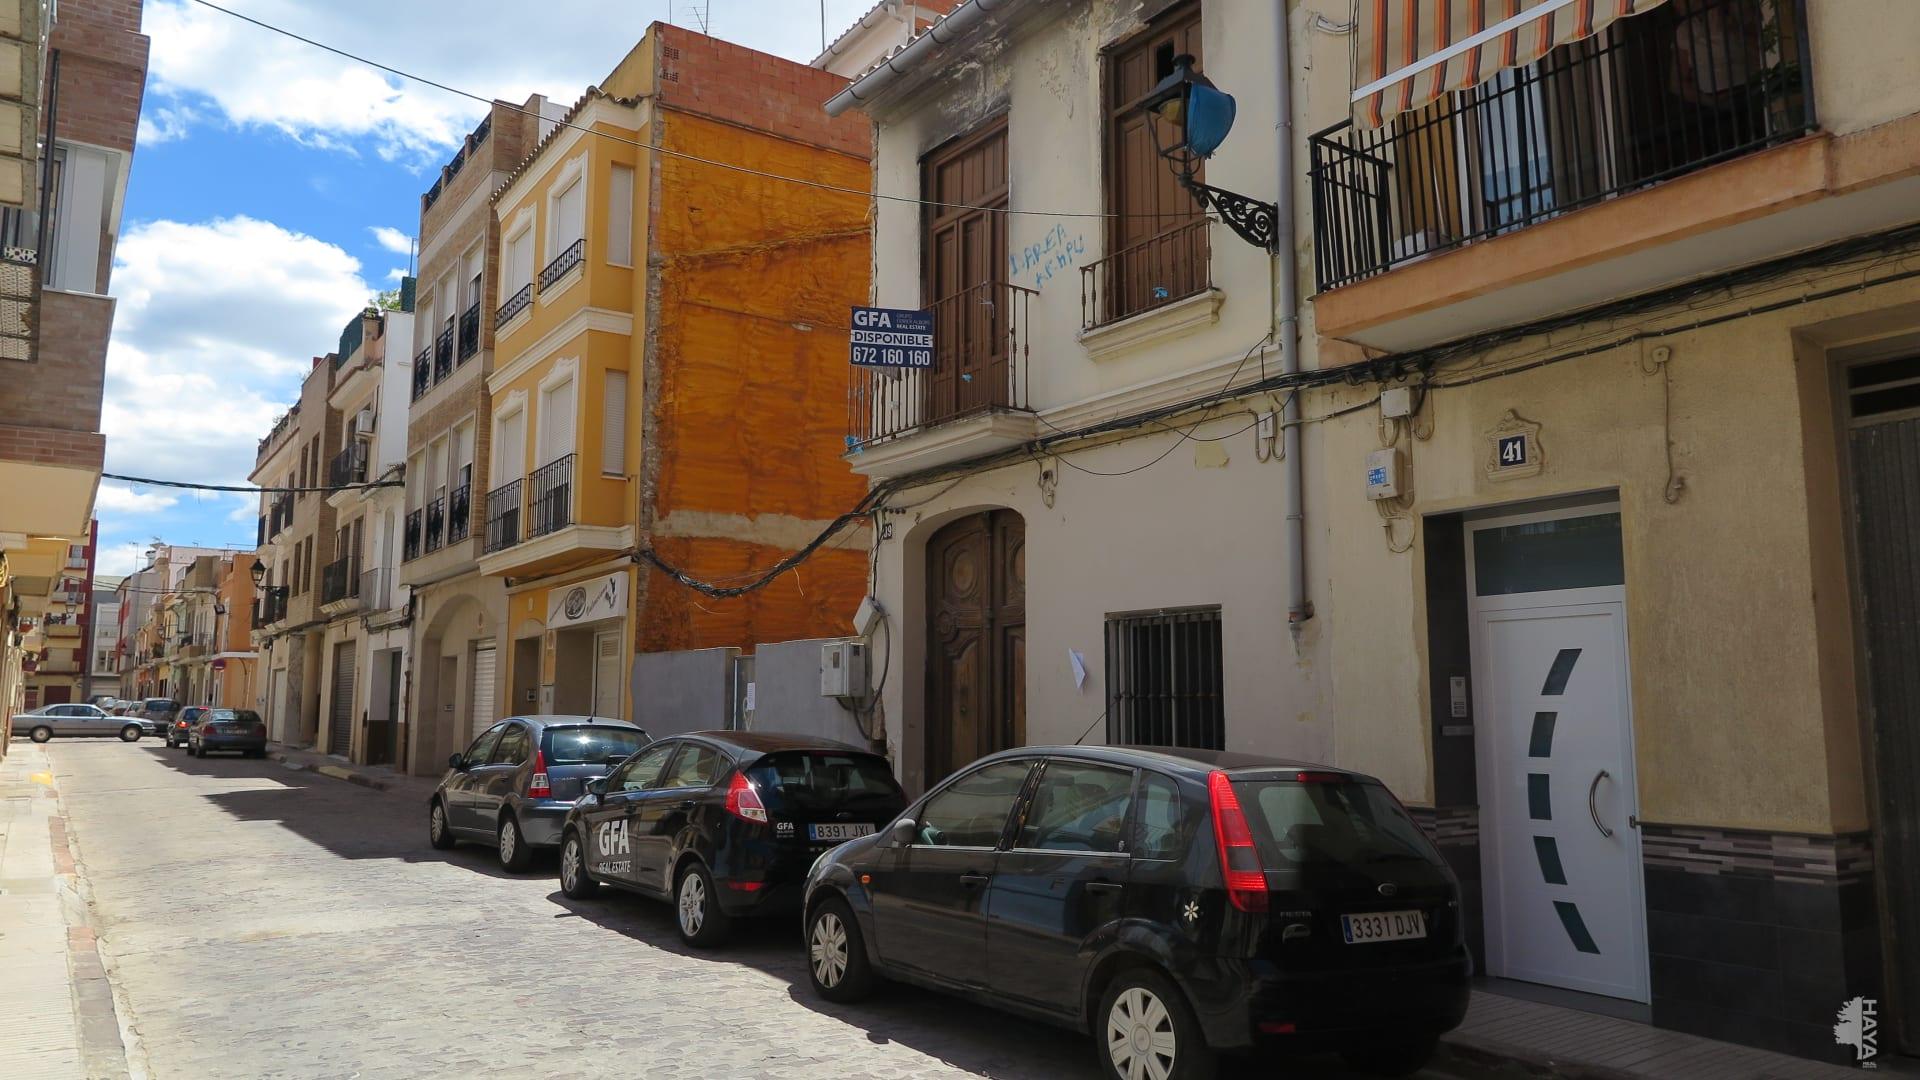 Casa en venta en Alquerieta, Alzira, Valencia, Calle Hernan Cortes, 53.000 €, 3 habitaciones, 152 m2